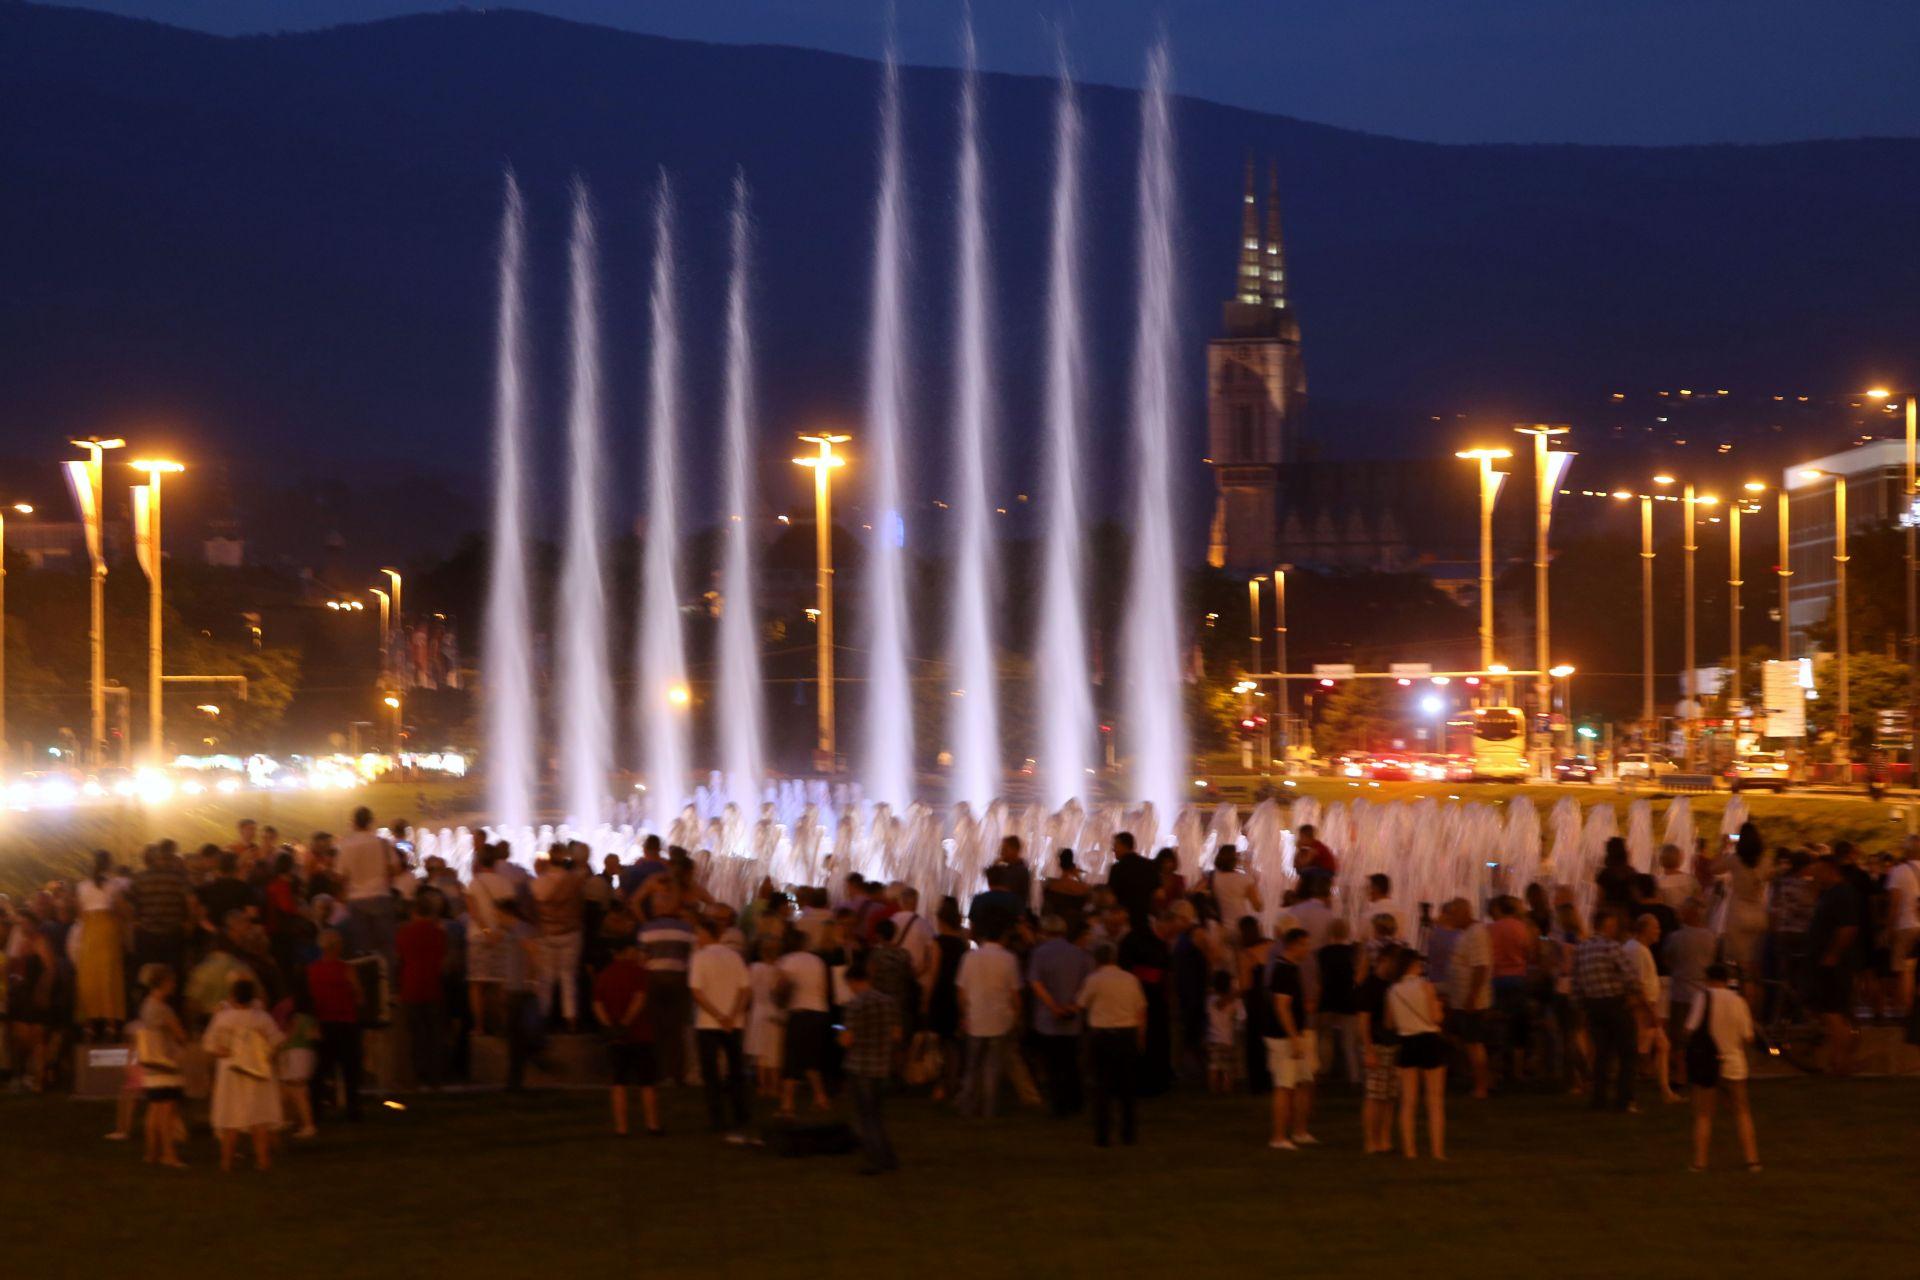 ZBOG VUČIĆA Moguće otežano prometovanje u Zagrebu